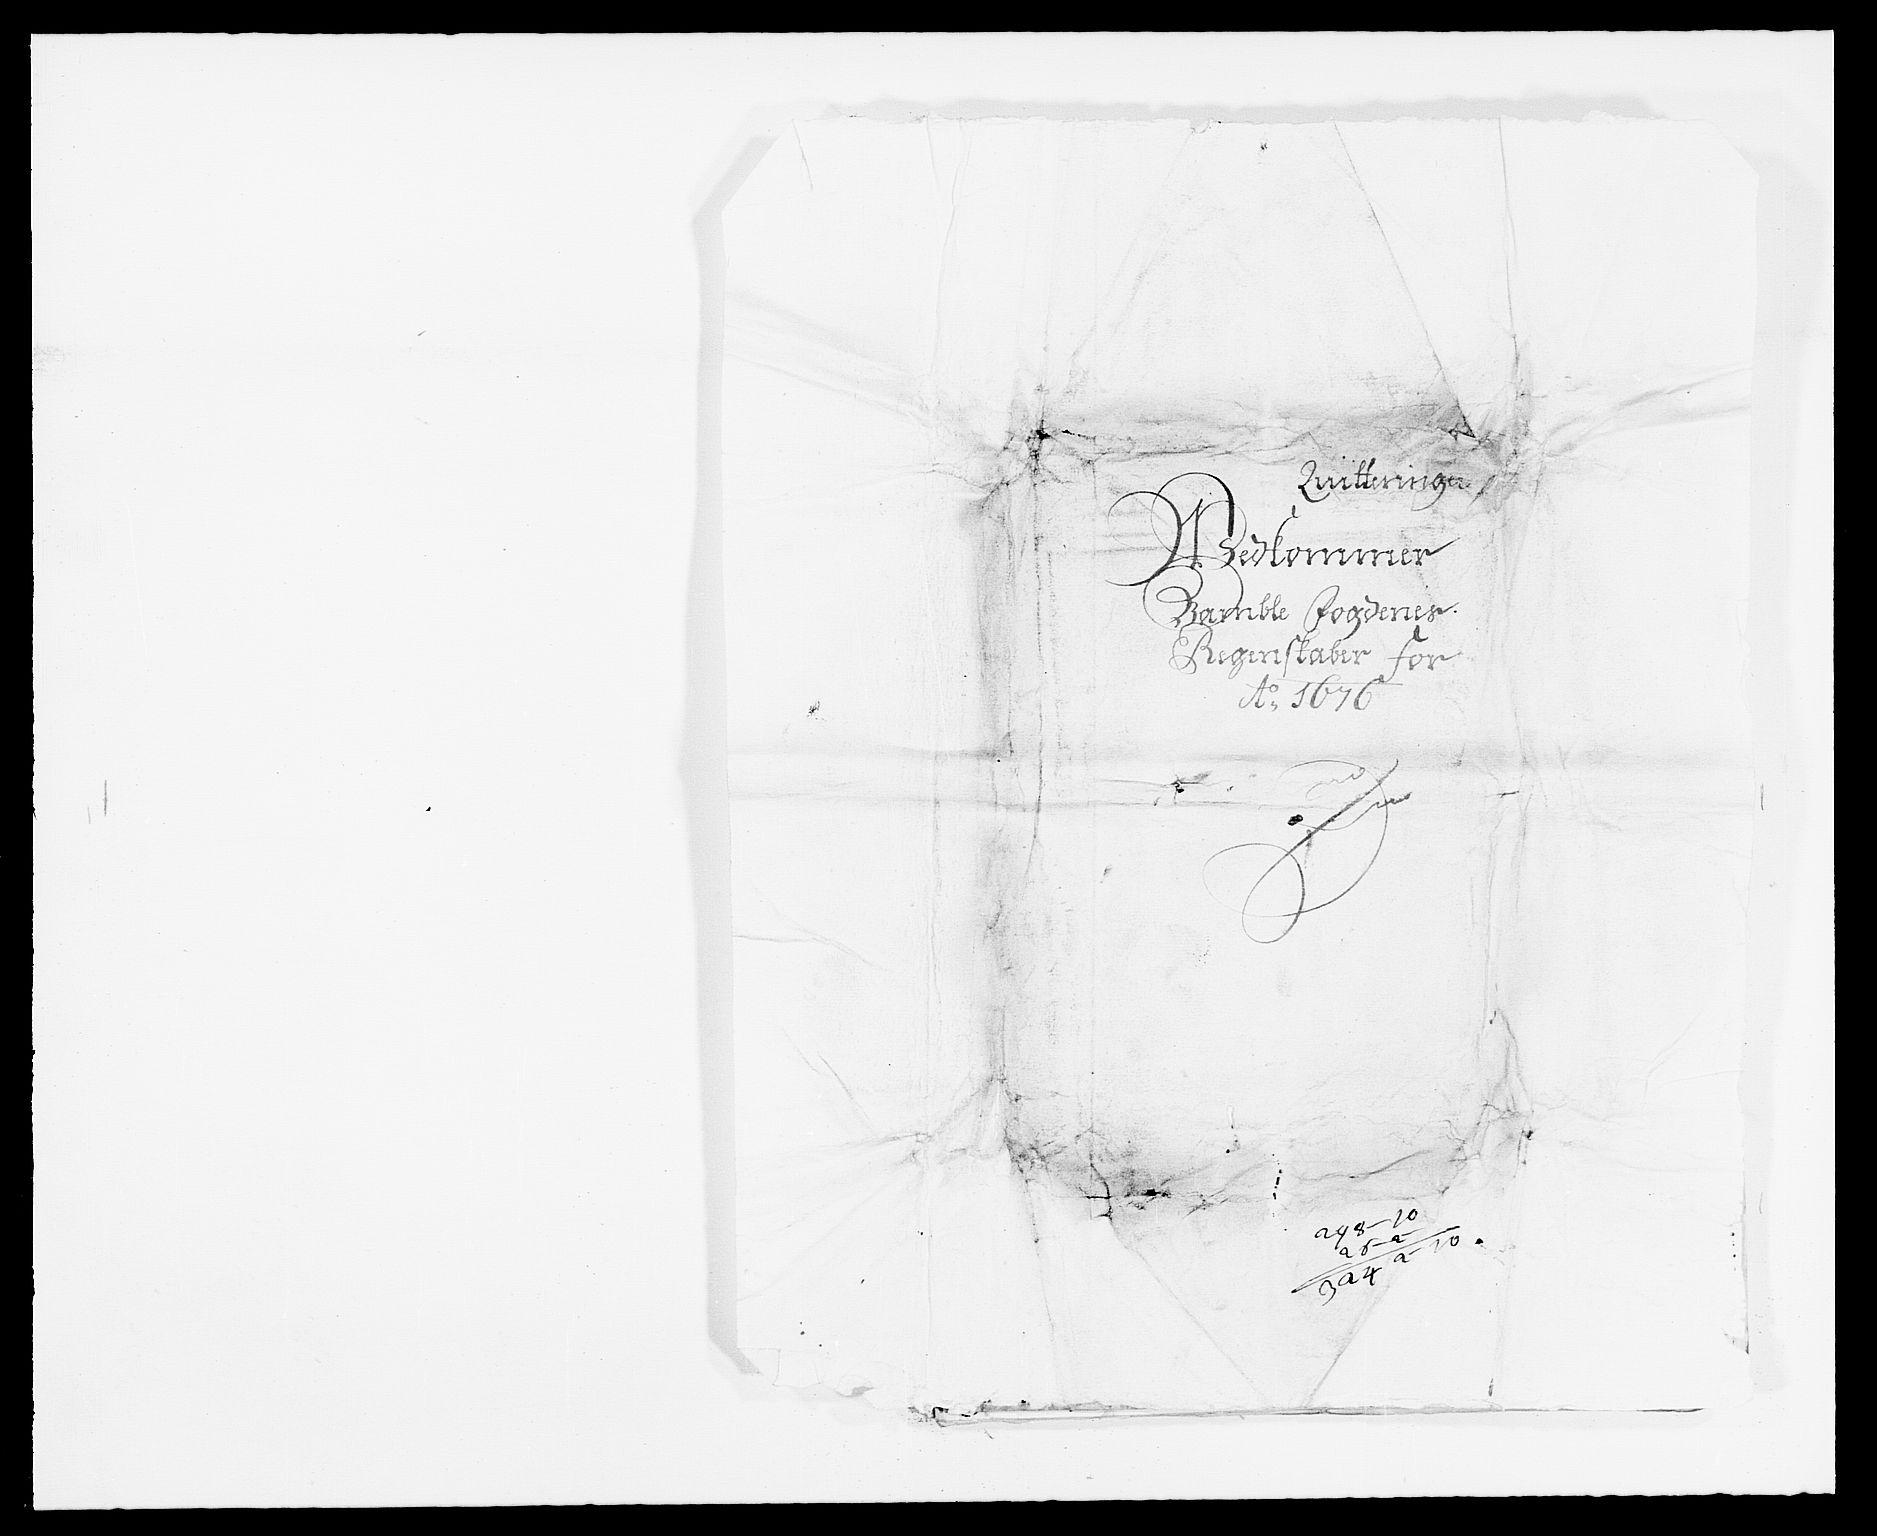 RA, Rentekammeret inntil 1814, Reviderte regnskaper, Fogderegnskap, R34/L2043: Fogderegnskap Bamble, 1676-1677, s. 195